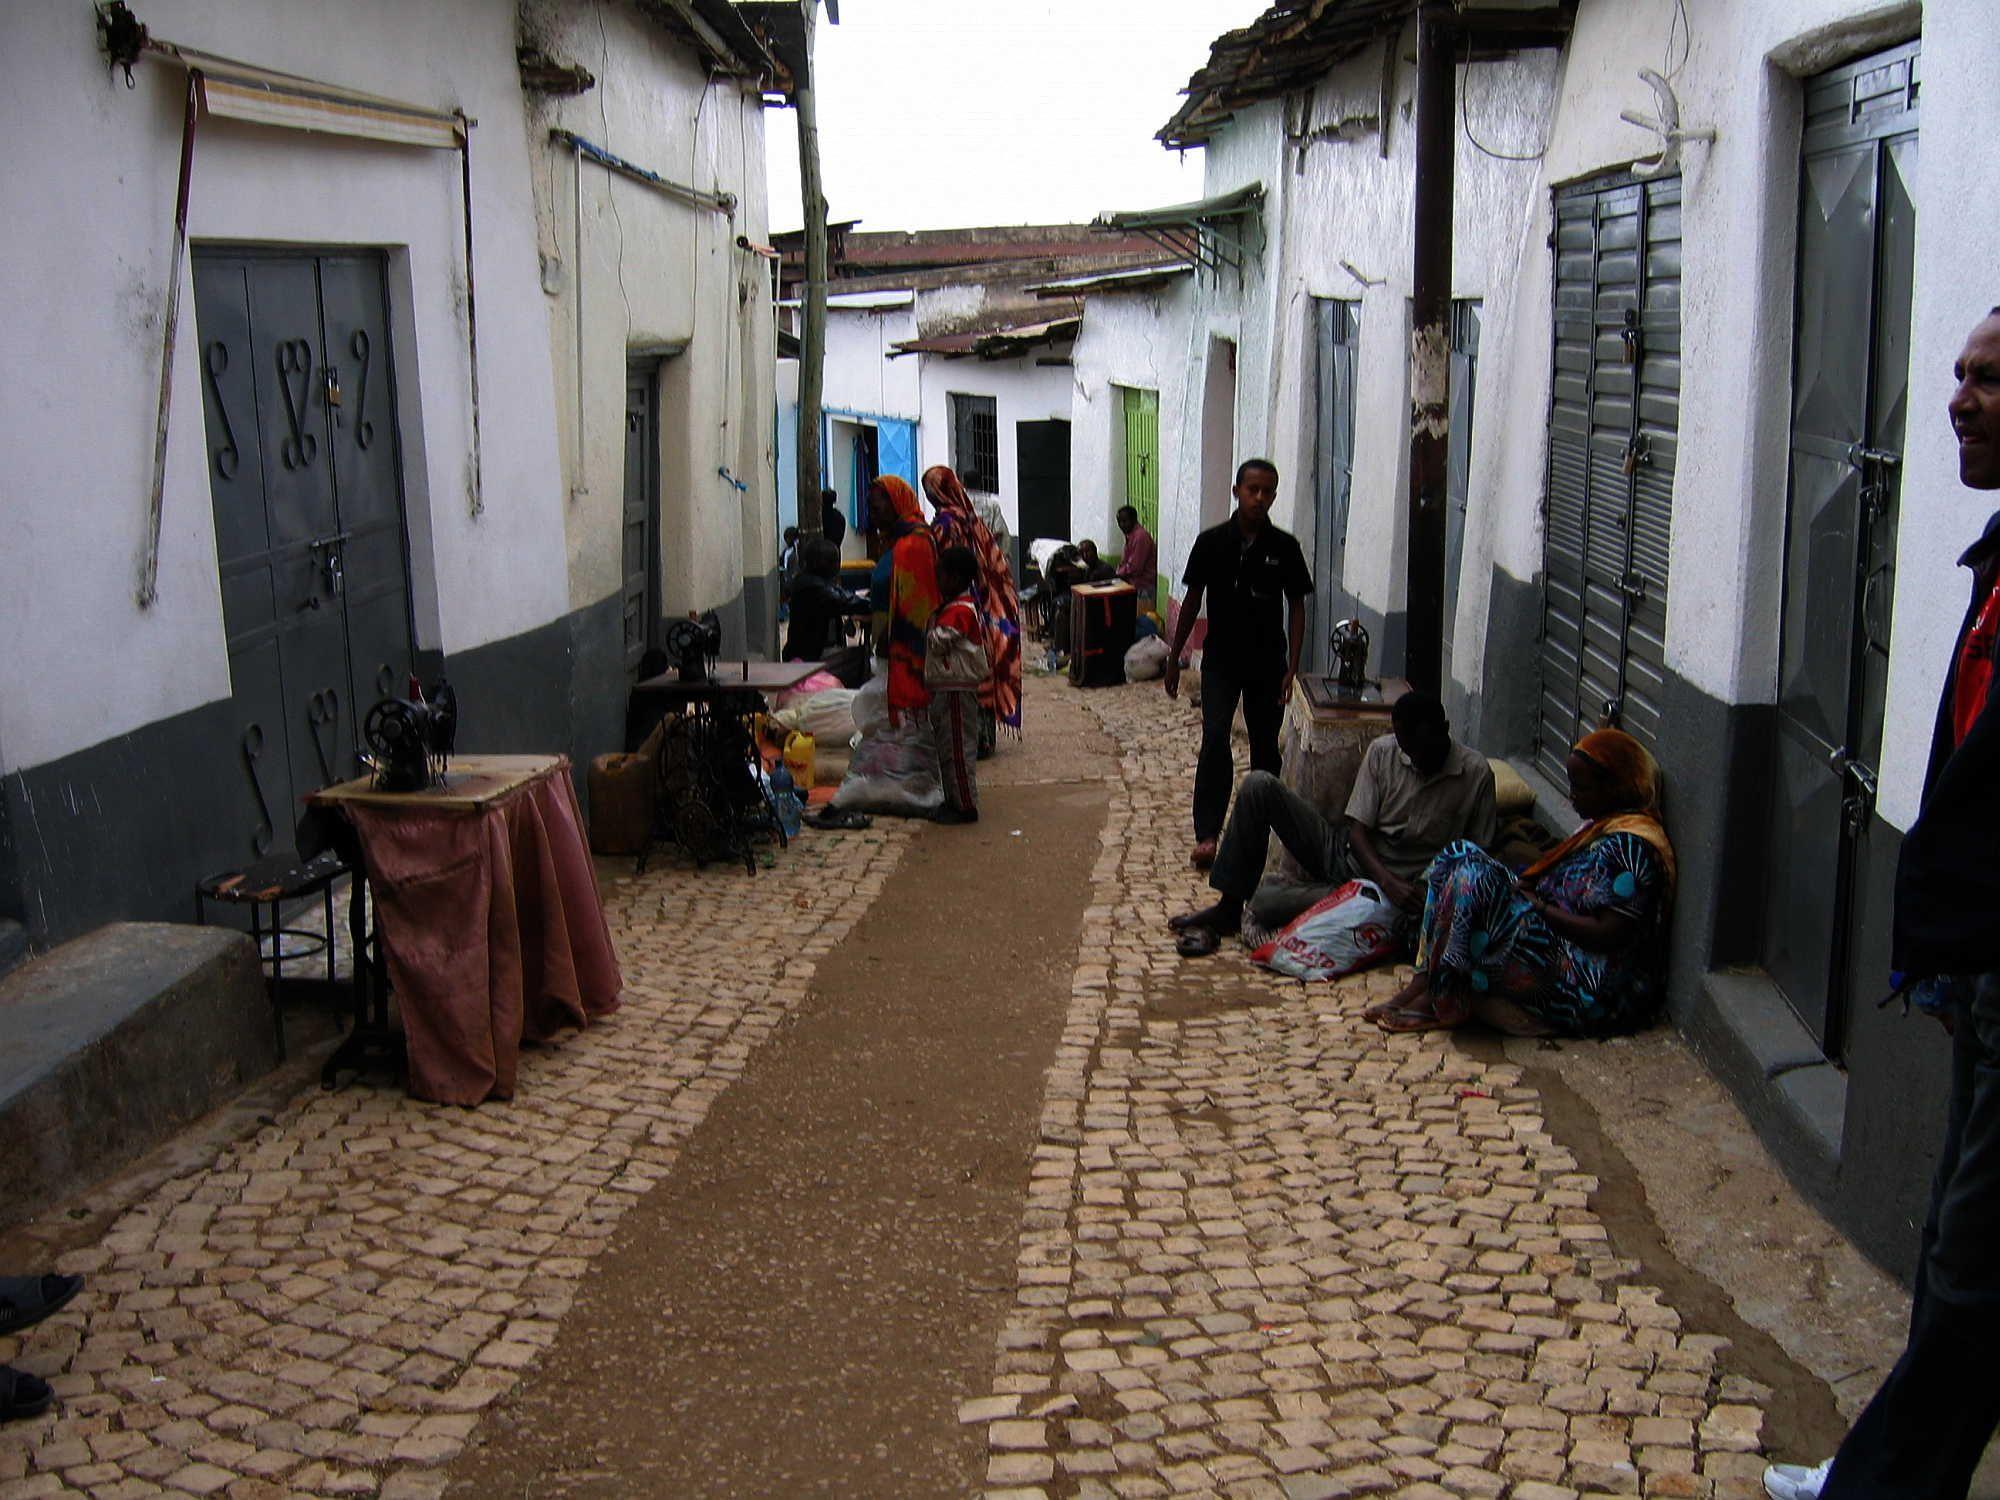 harar-cobblestoned-street.jpg (2000×1500)